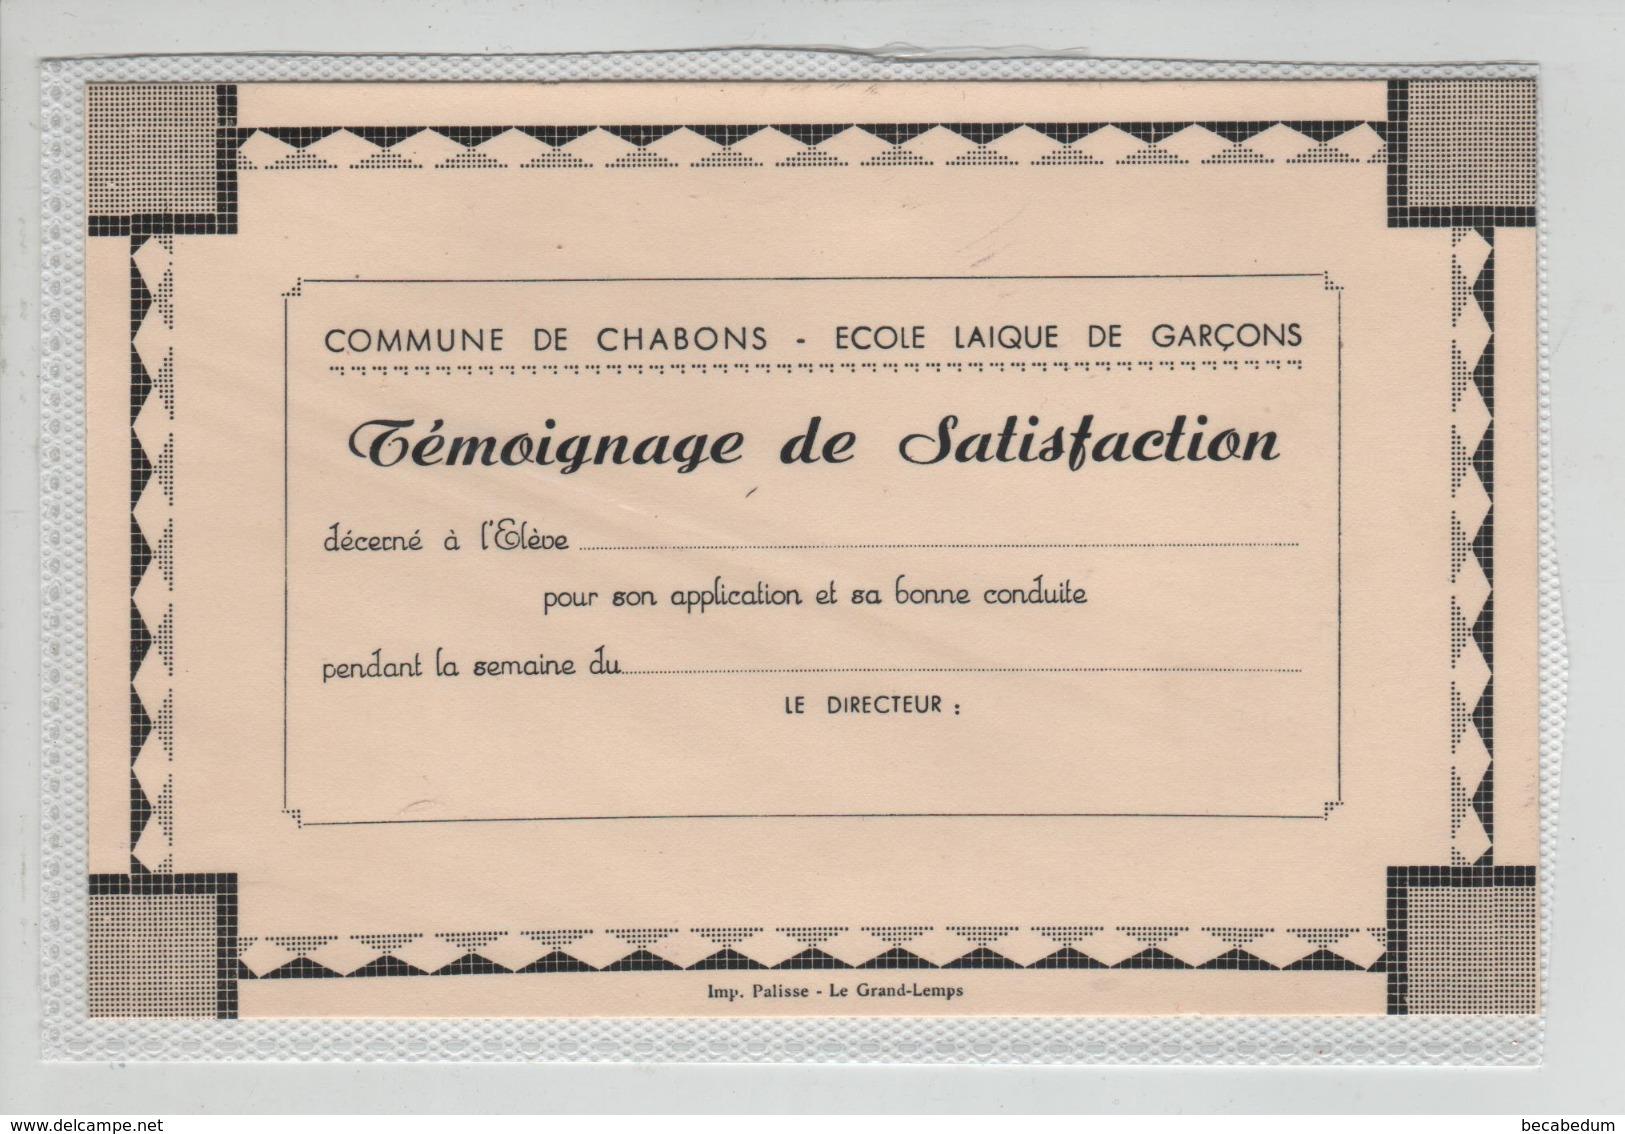 Carte Chabons Ecole Laique De Garçons Témoignage De Satisfaction - Old Paper